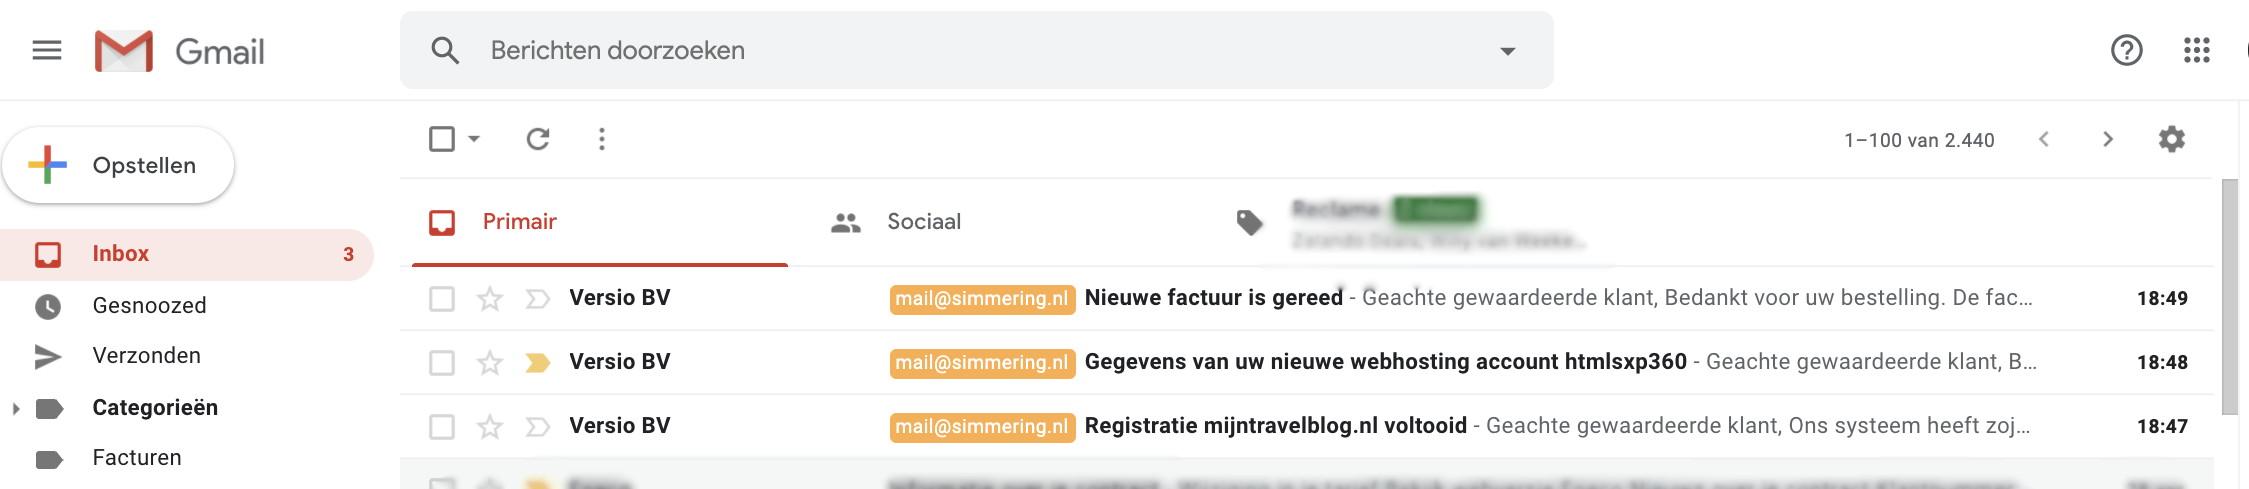 9 - mails met gegevens